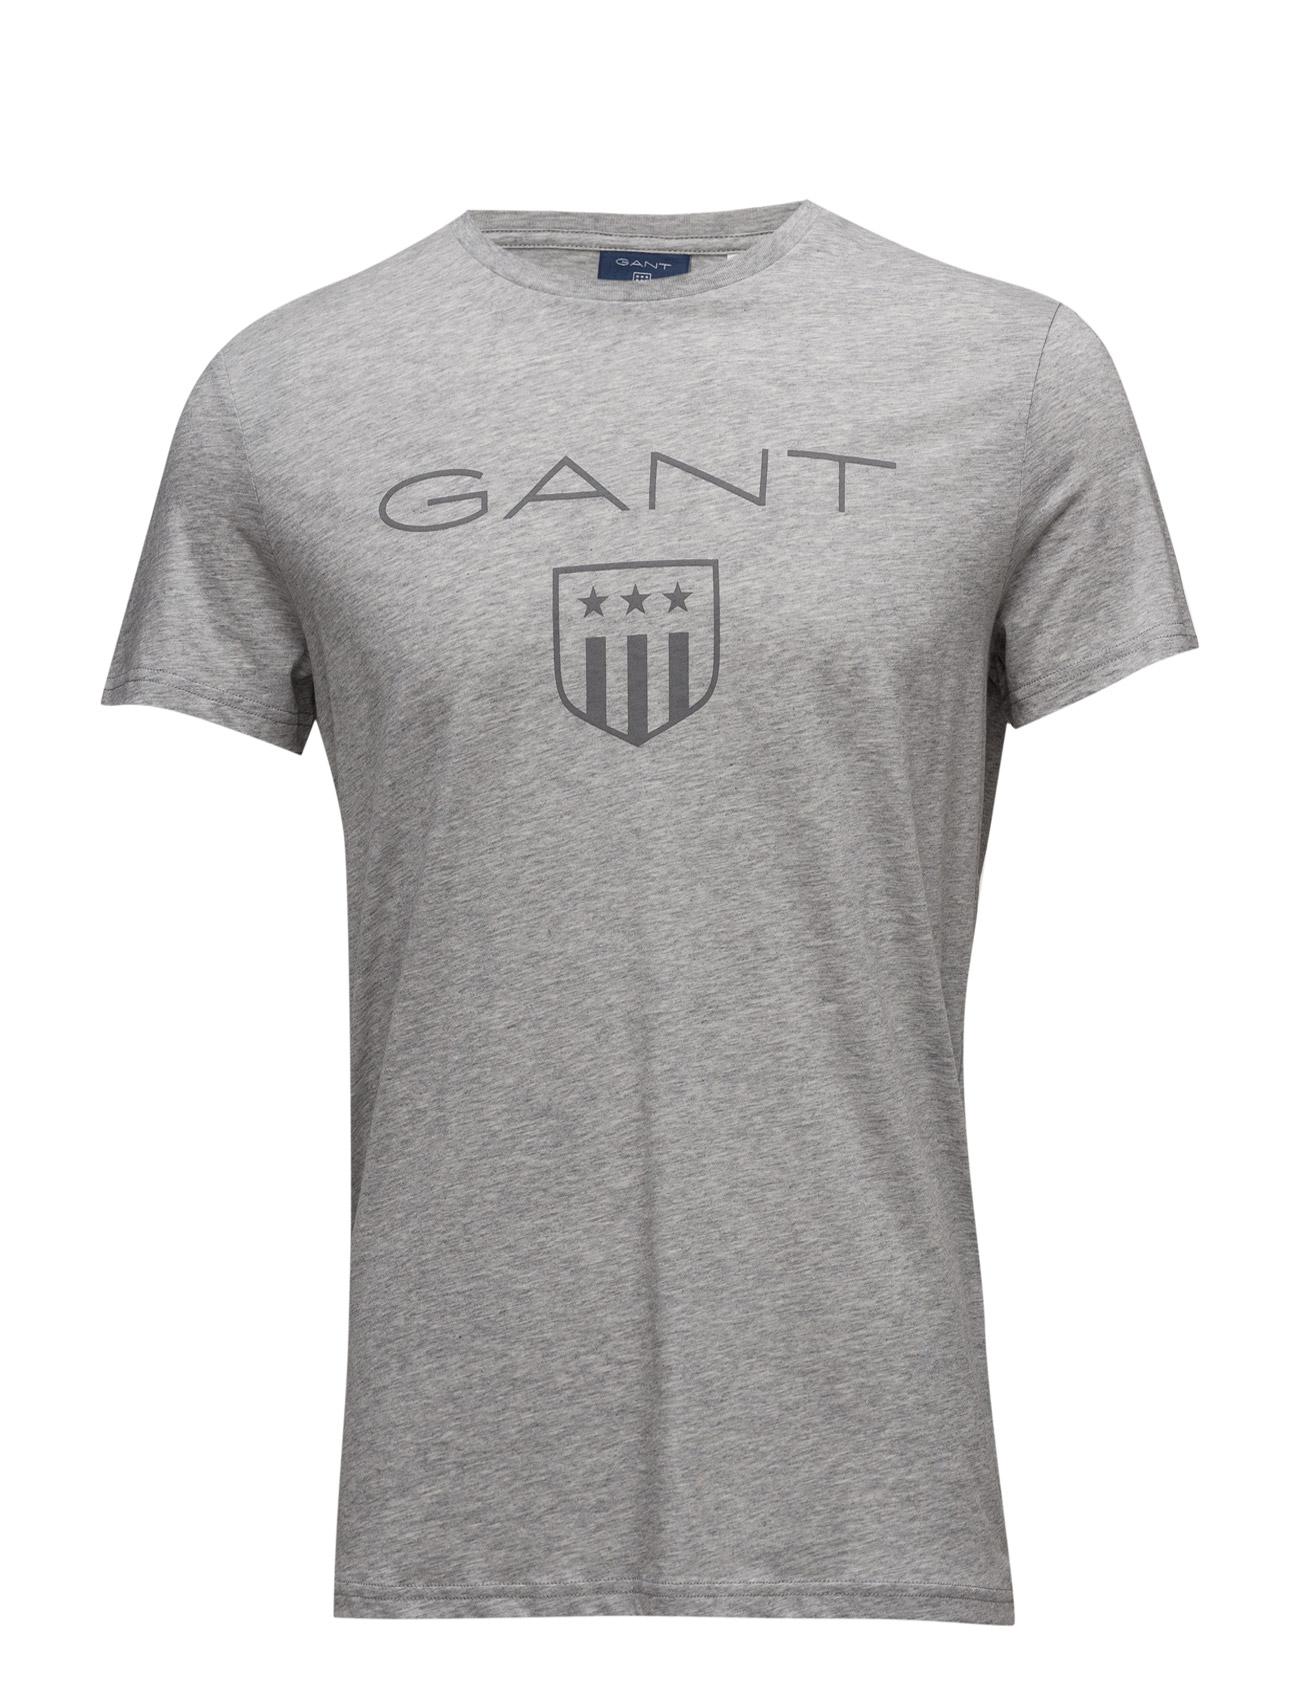 Tonal Gant Shield T-Shirt GANT Kortærmede til Mænd i Light Grey Melange